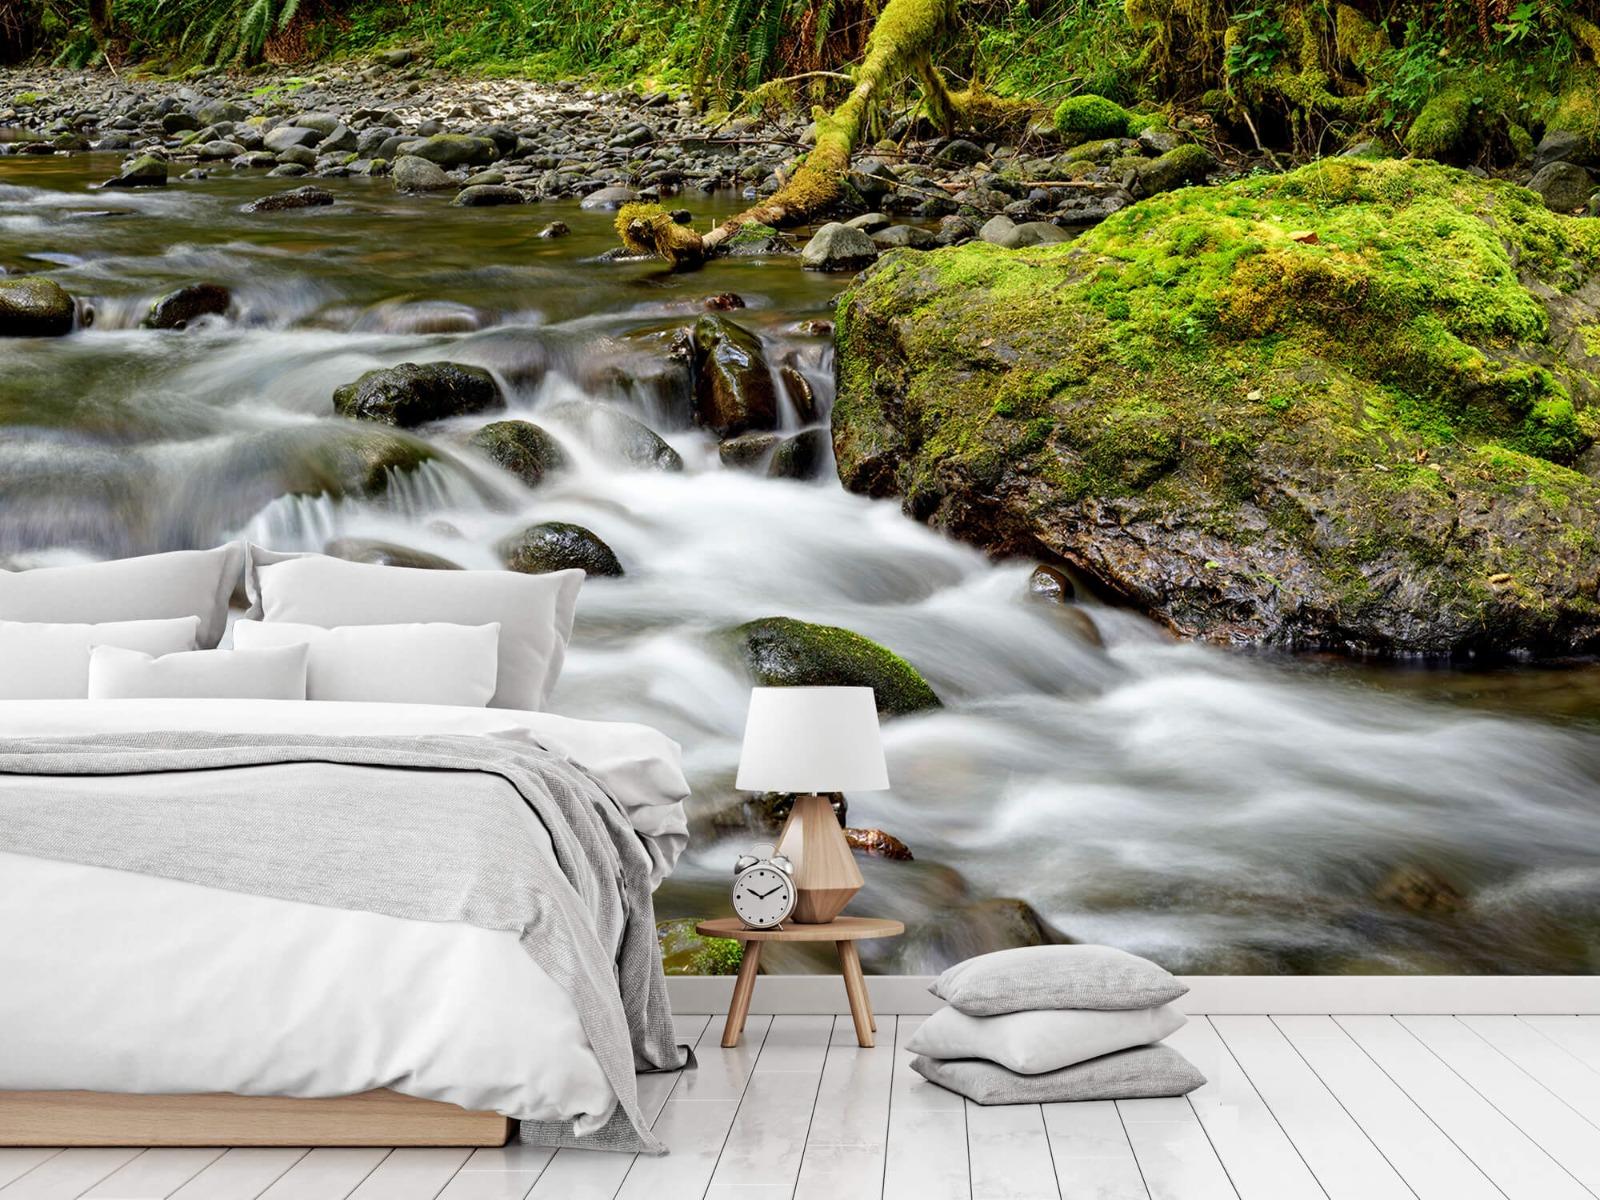 Meertjes en Wateren - Groen rotsblok met riviertje - Wallexclusive - Slaapkamer 15